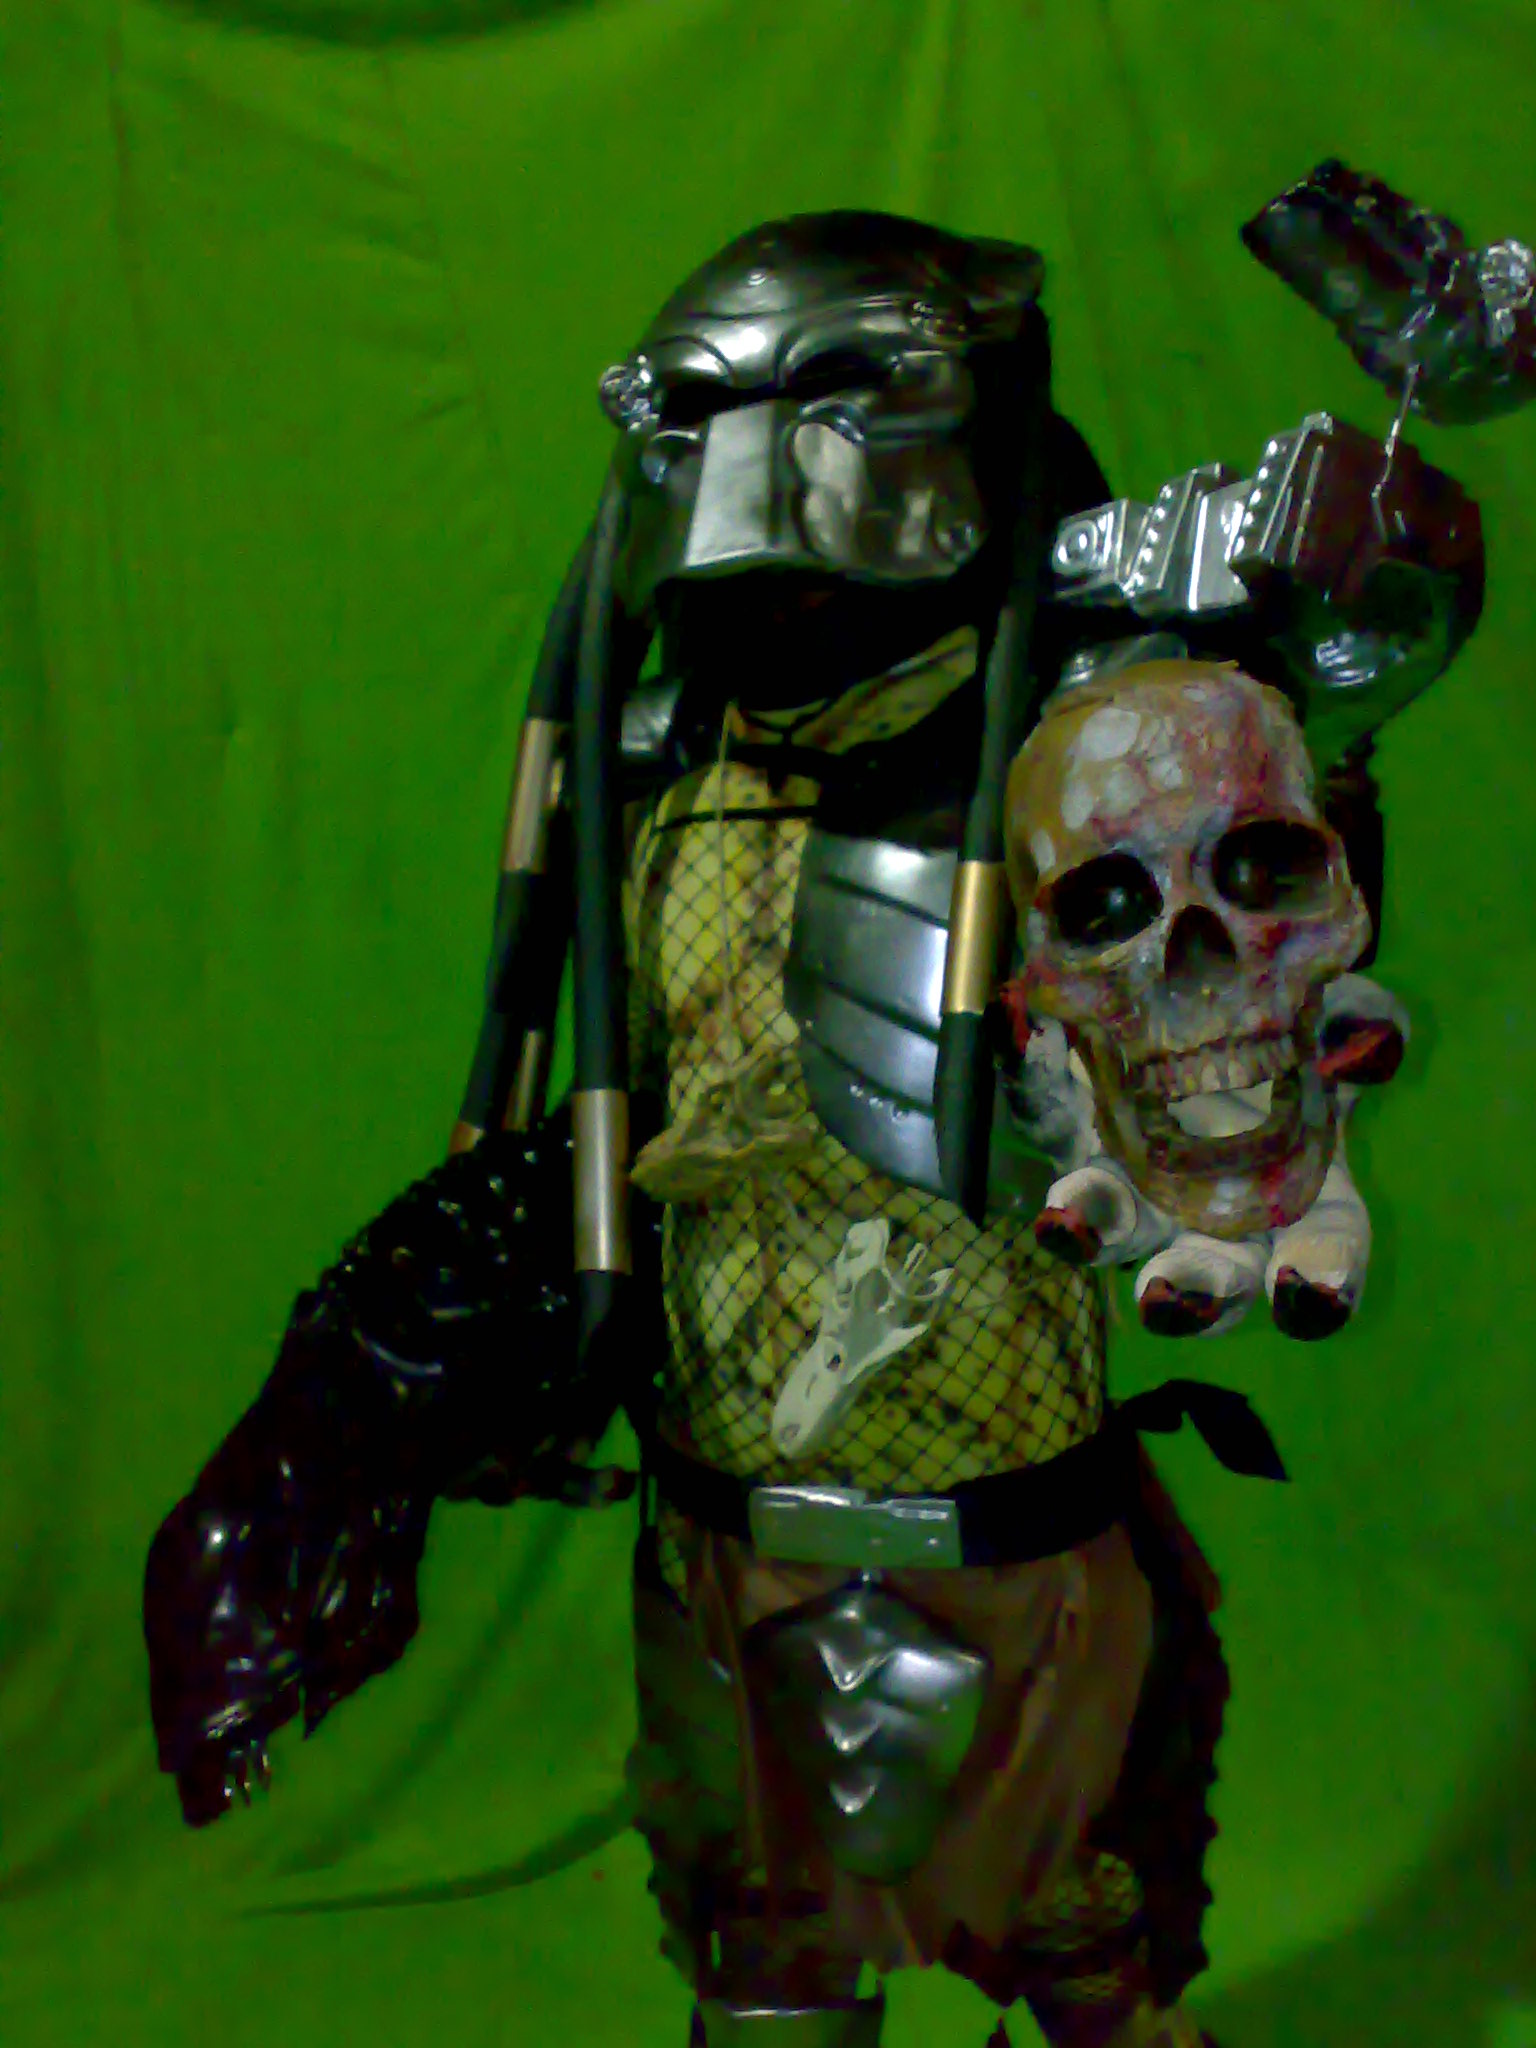 predator costume by FRANKASTER1987 on DeviantArt